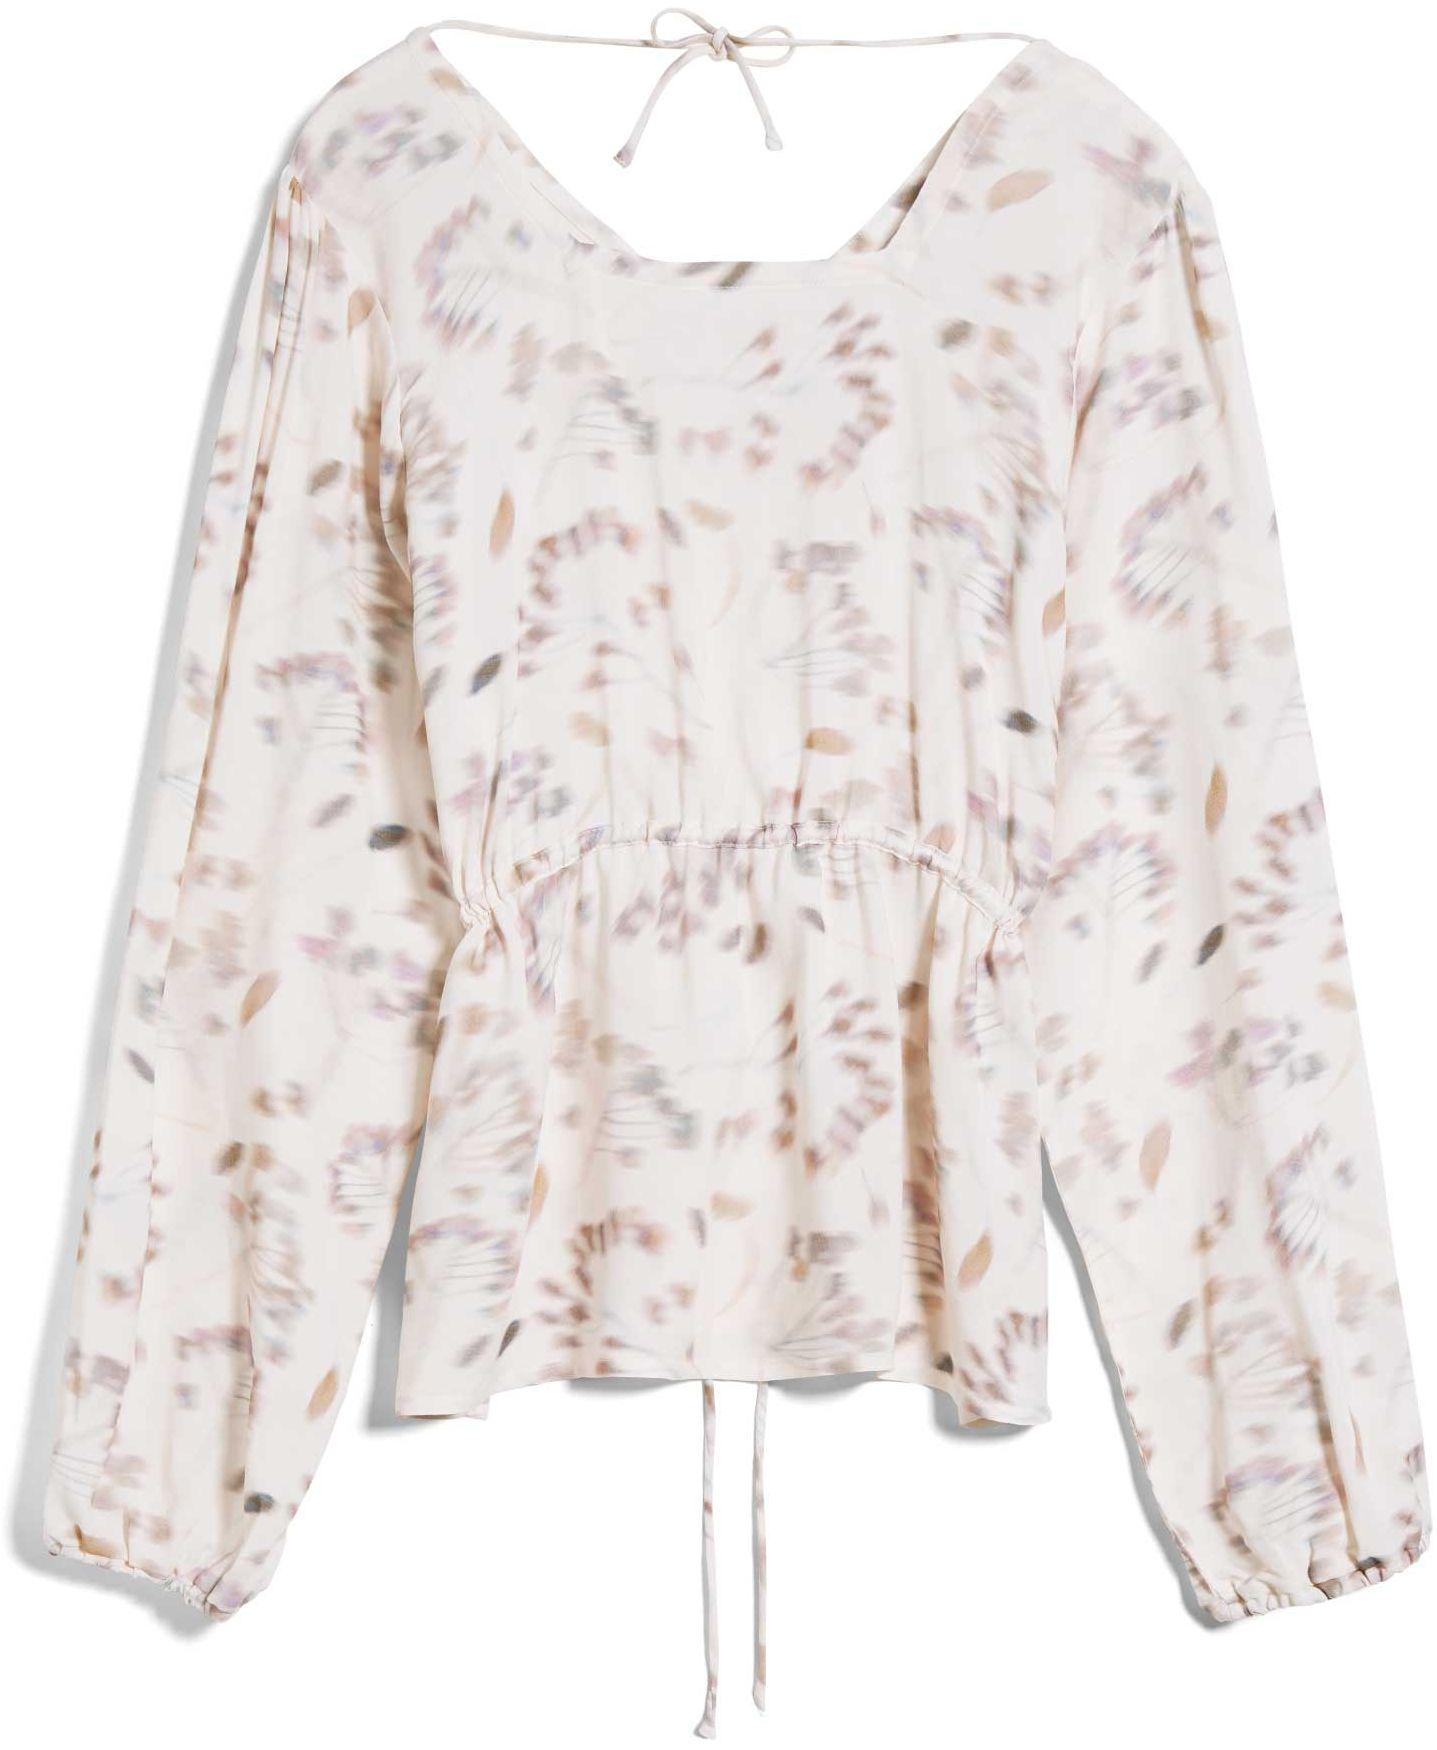 Damen-Bluse ADRIAA PRESSED FLOWERS oatmilk